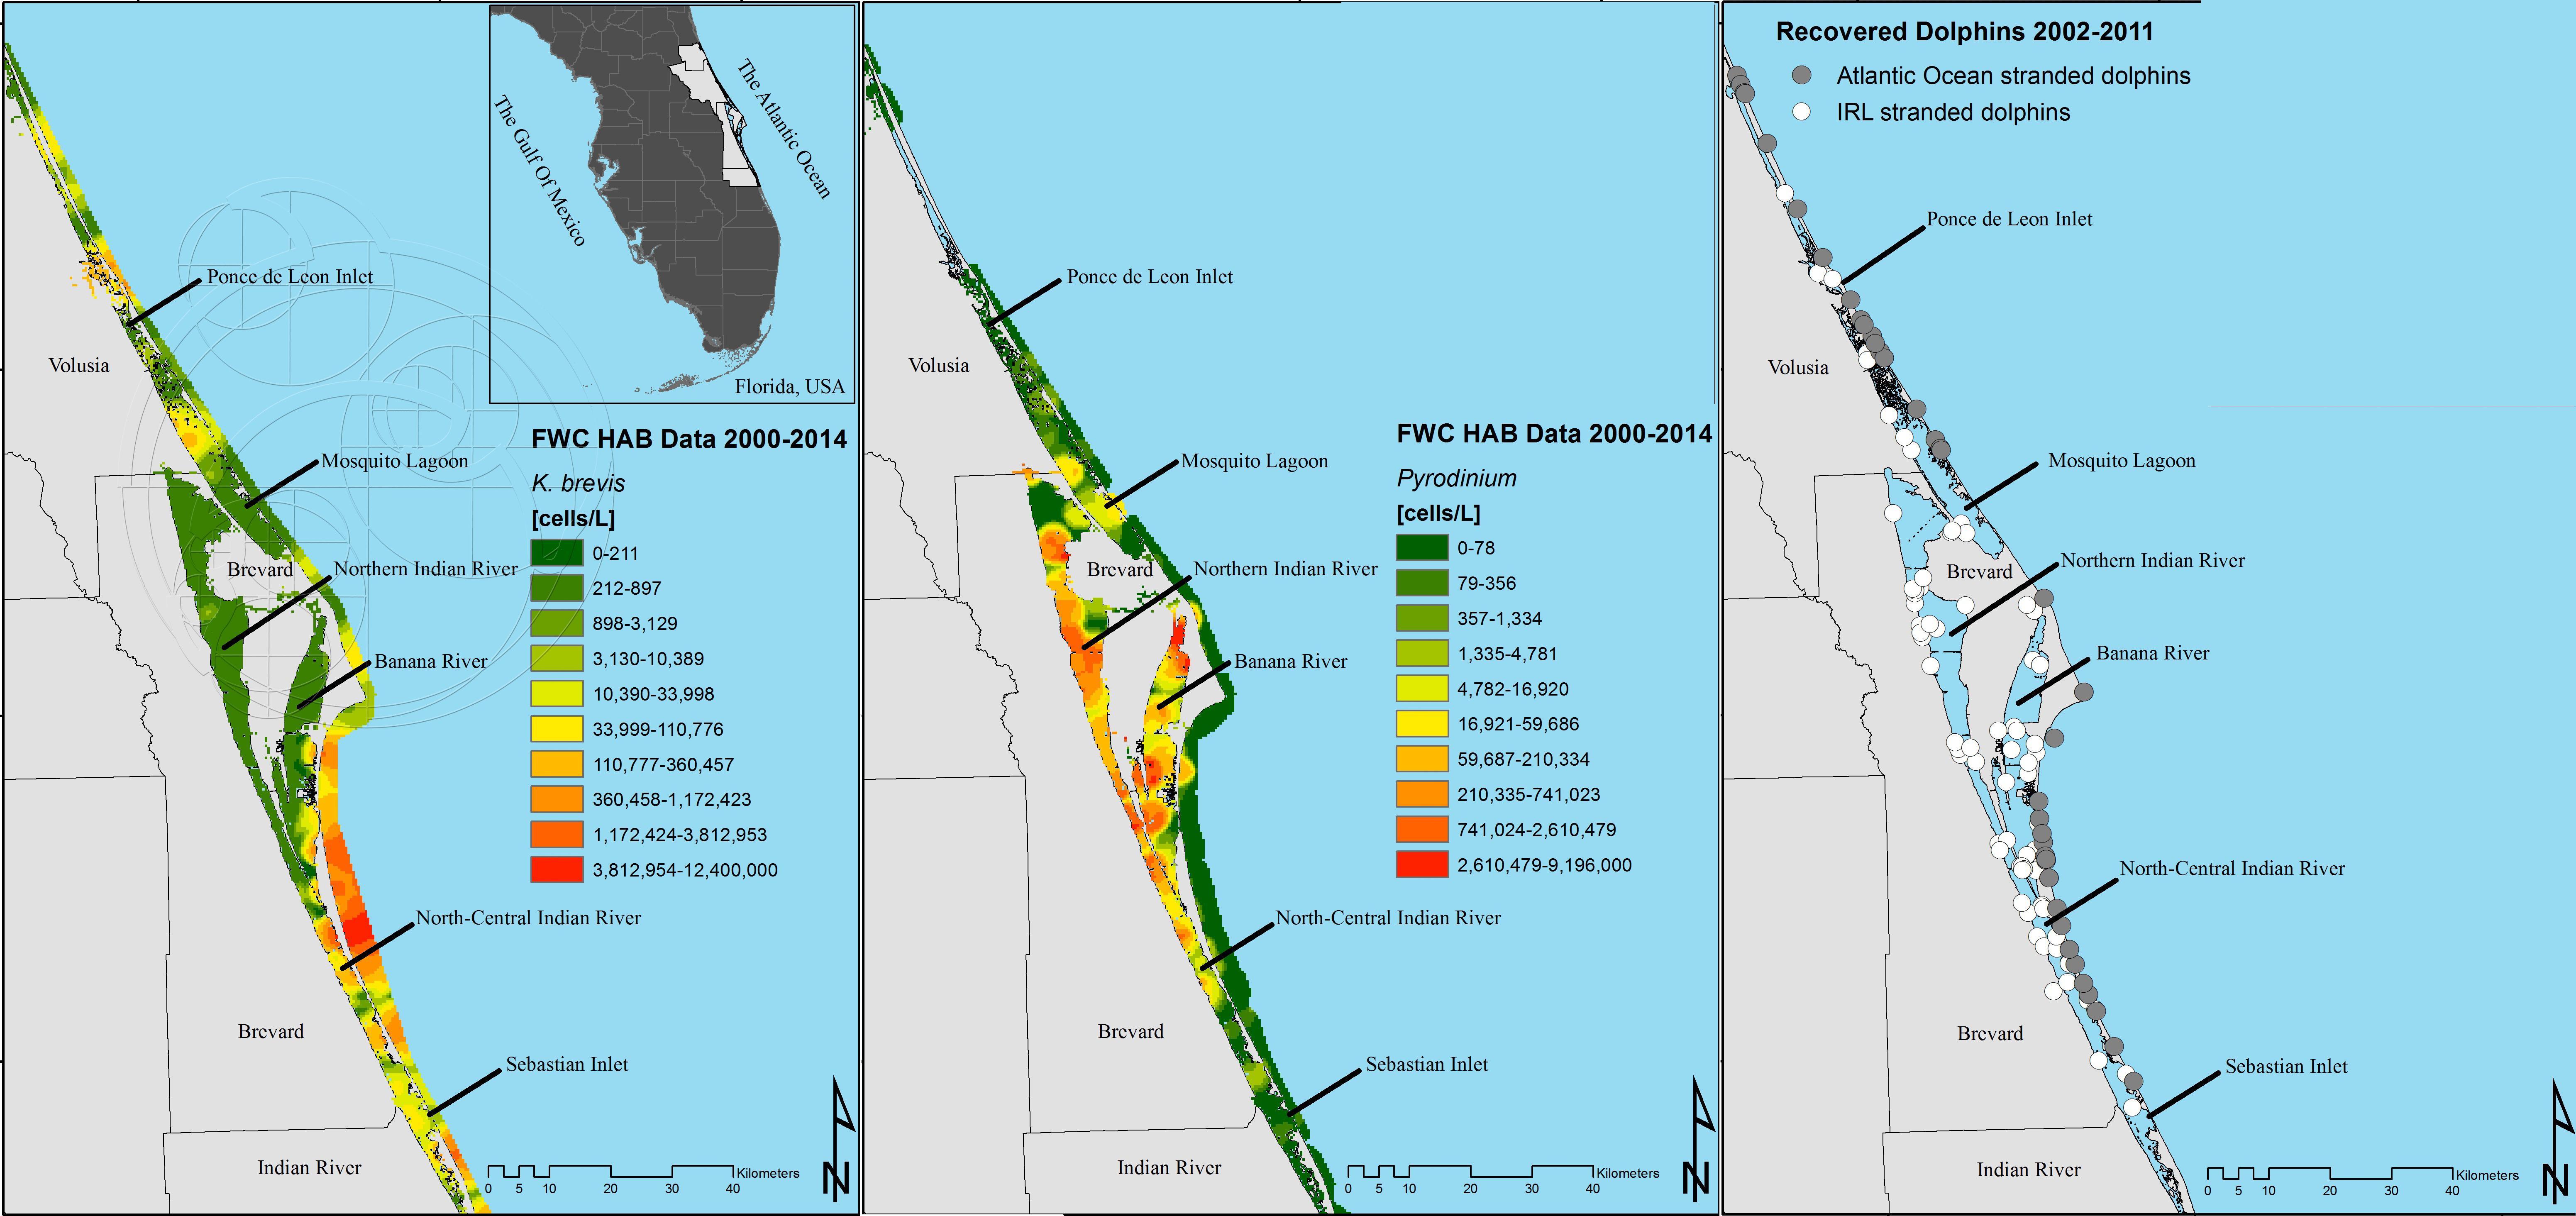 Food Web Dynamics Of Harmful Algal Toxins In Florida Dolphins - Florida Blue Green Algae Map